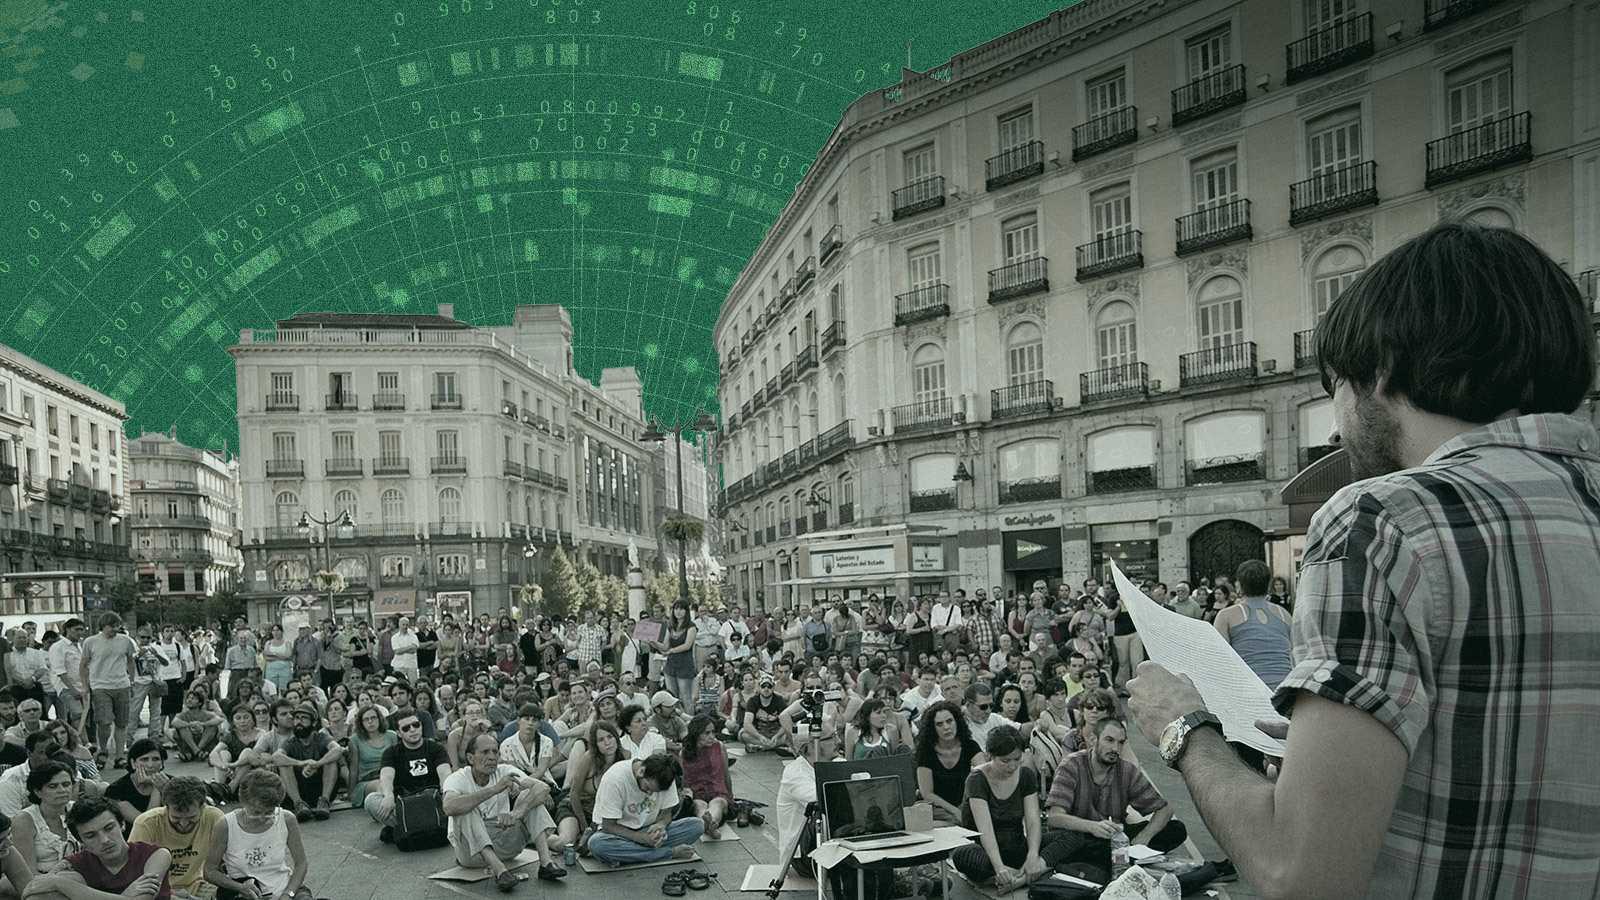 El Movimiento 15M, un hito en la participación política ciudadana de España